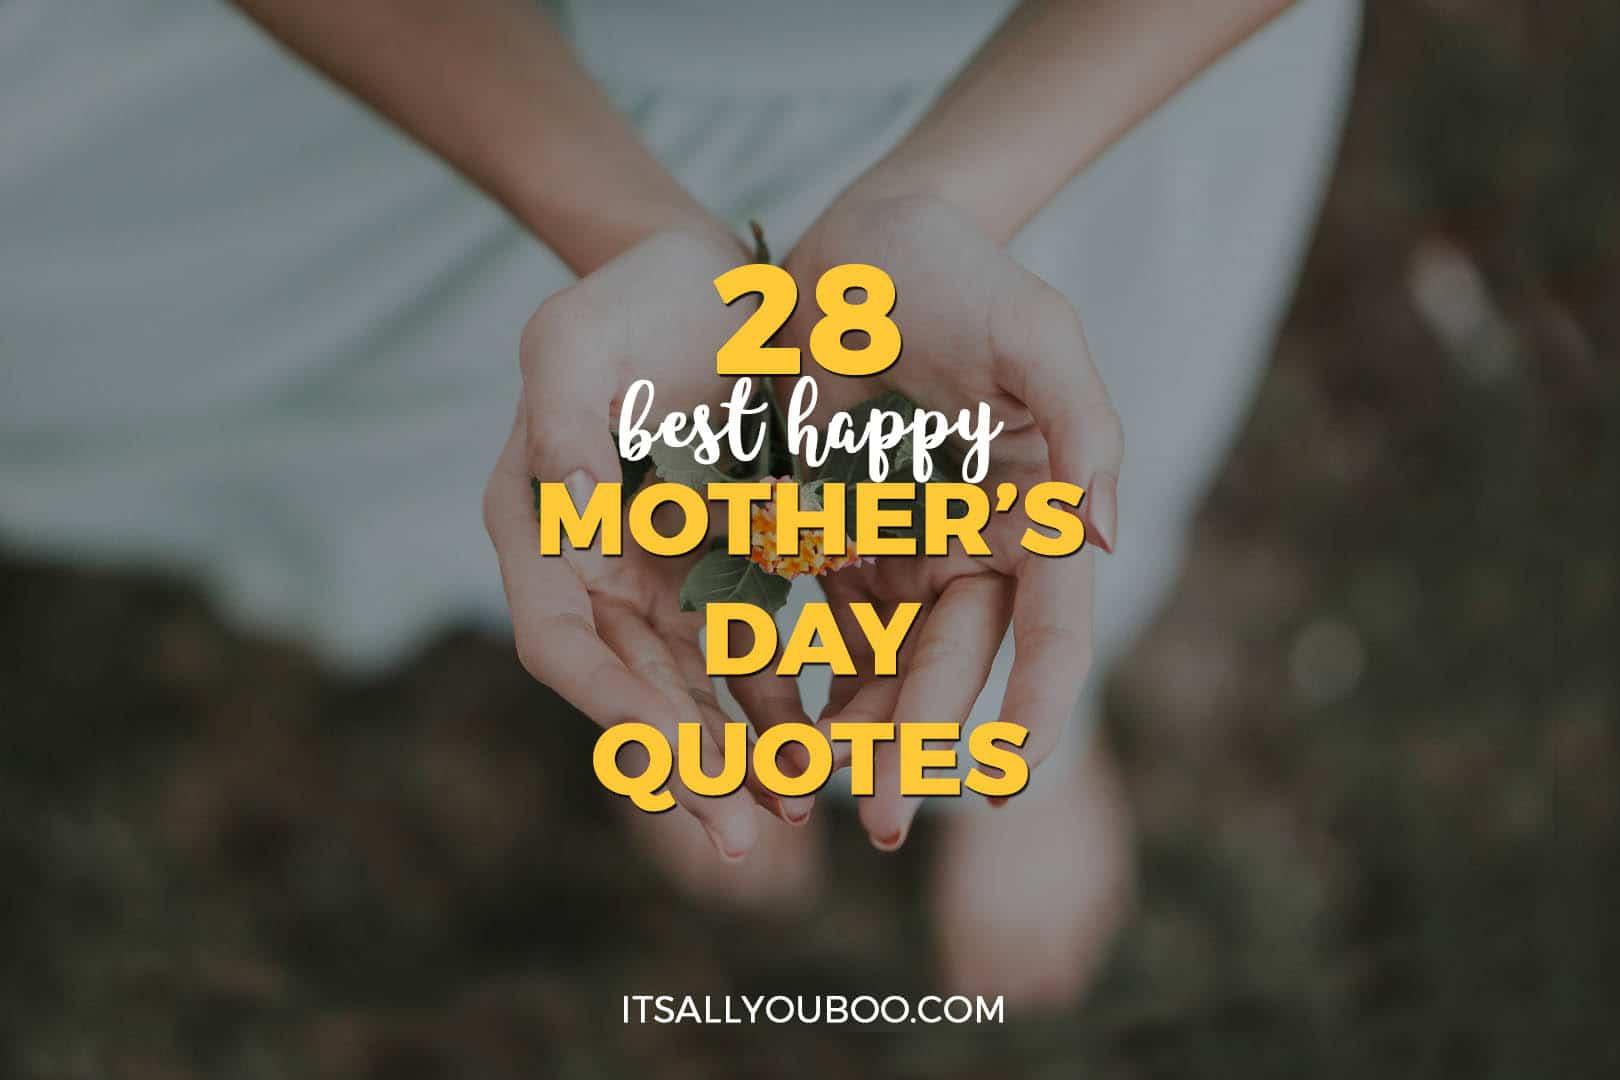 28 best happy mother